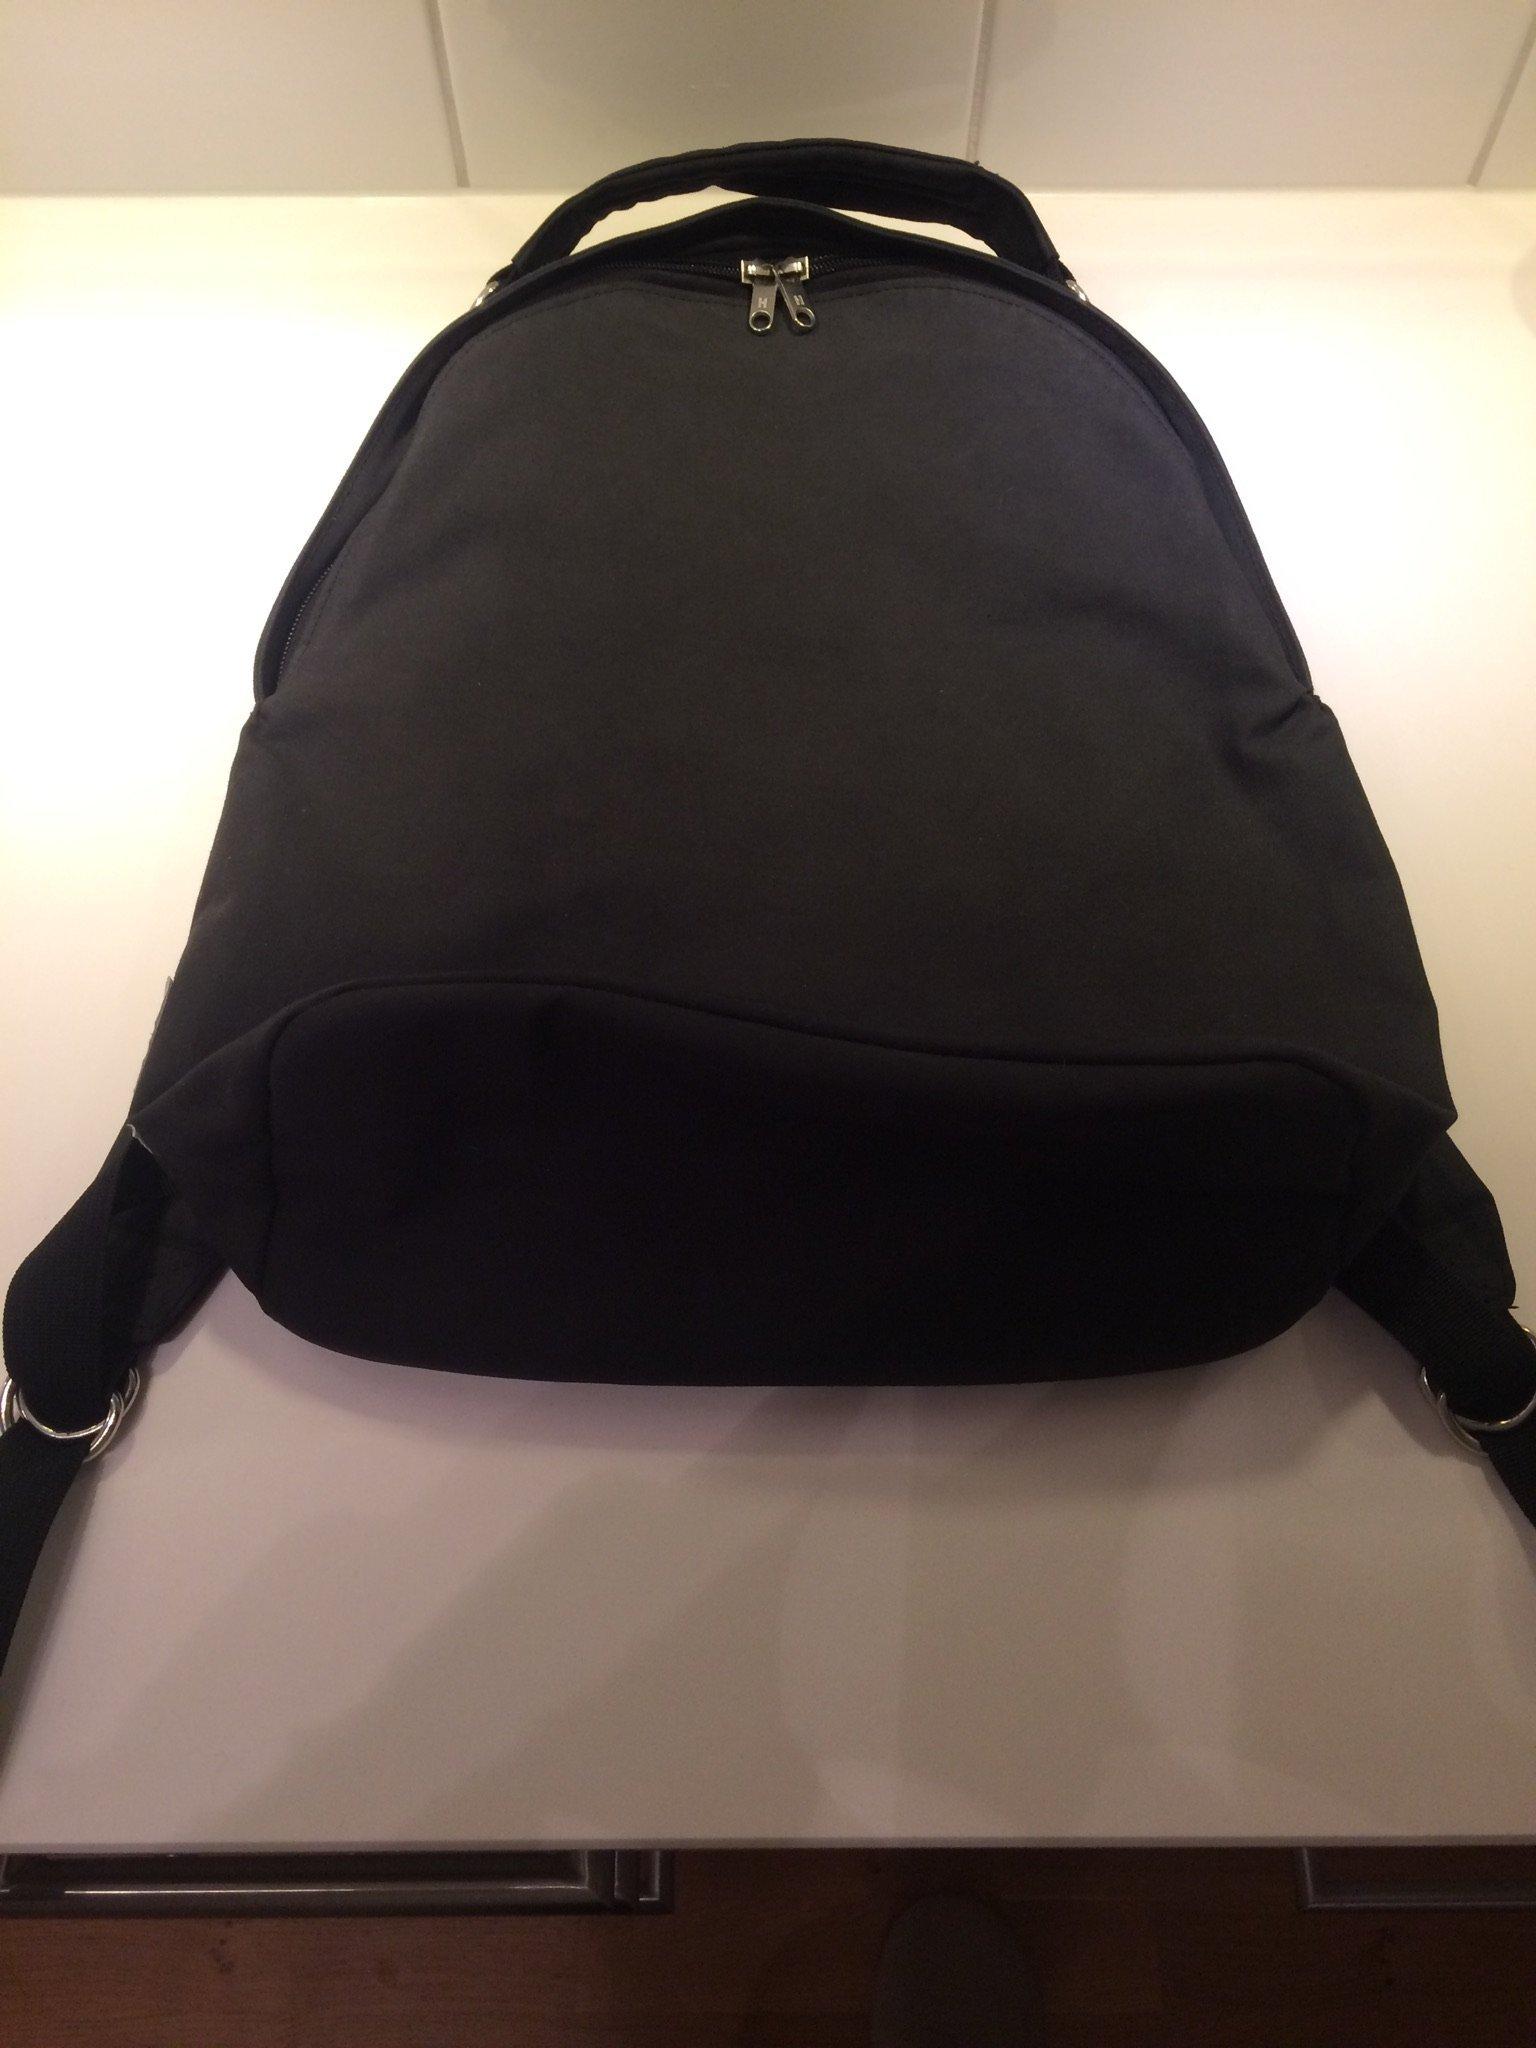 HOPE Ryggsäck Form Bag (399311463) ᐈ Köp på Tradera